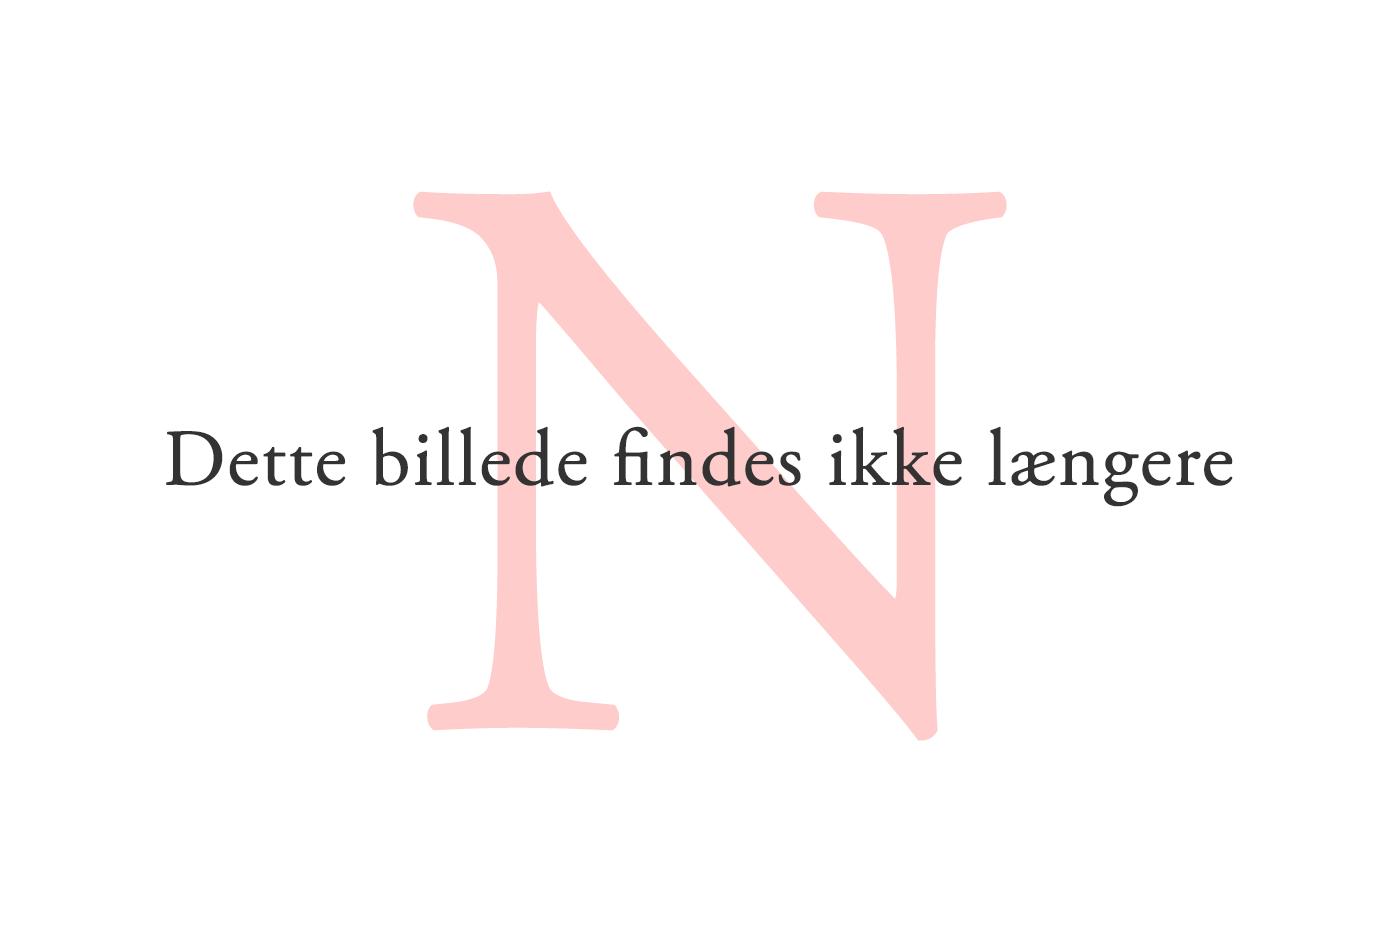 Elbiler boomer i Norge, Danmark sakker bagud